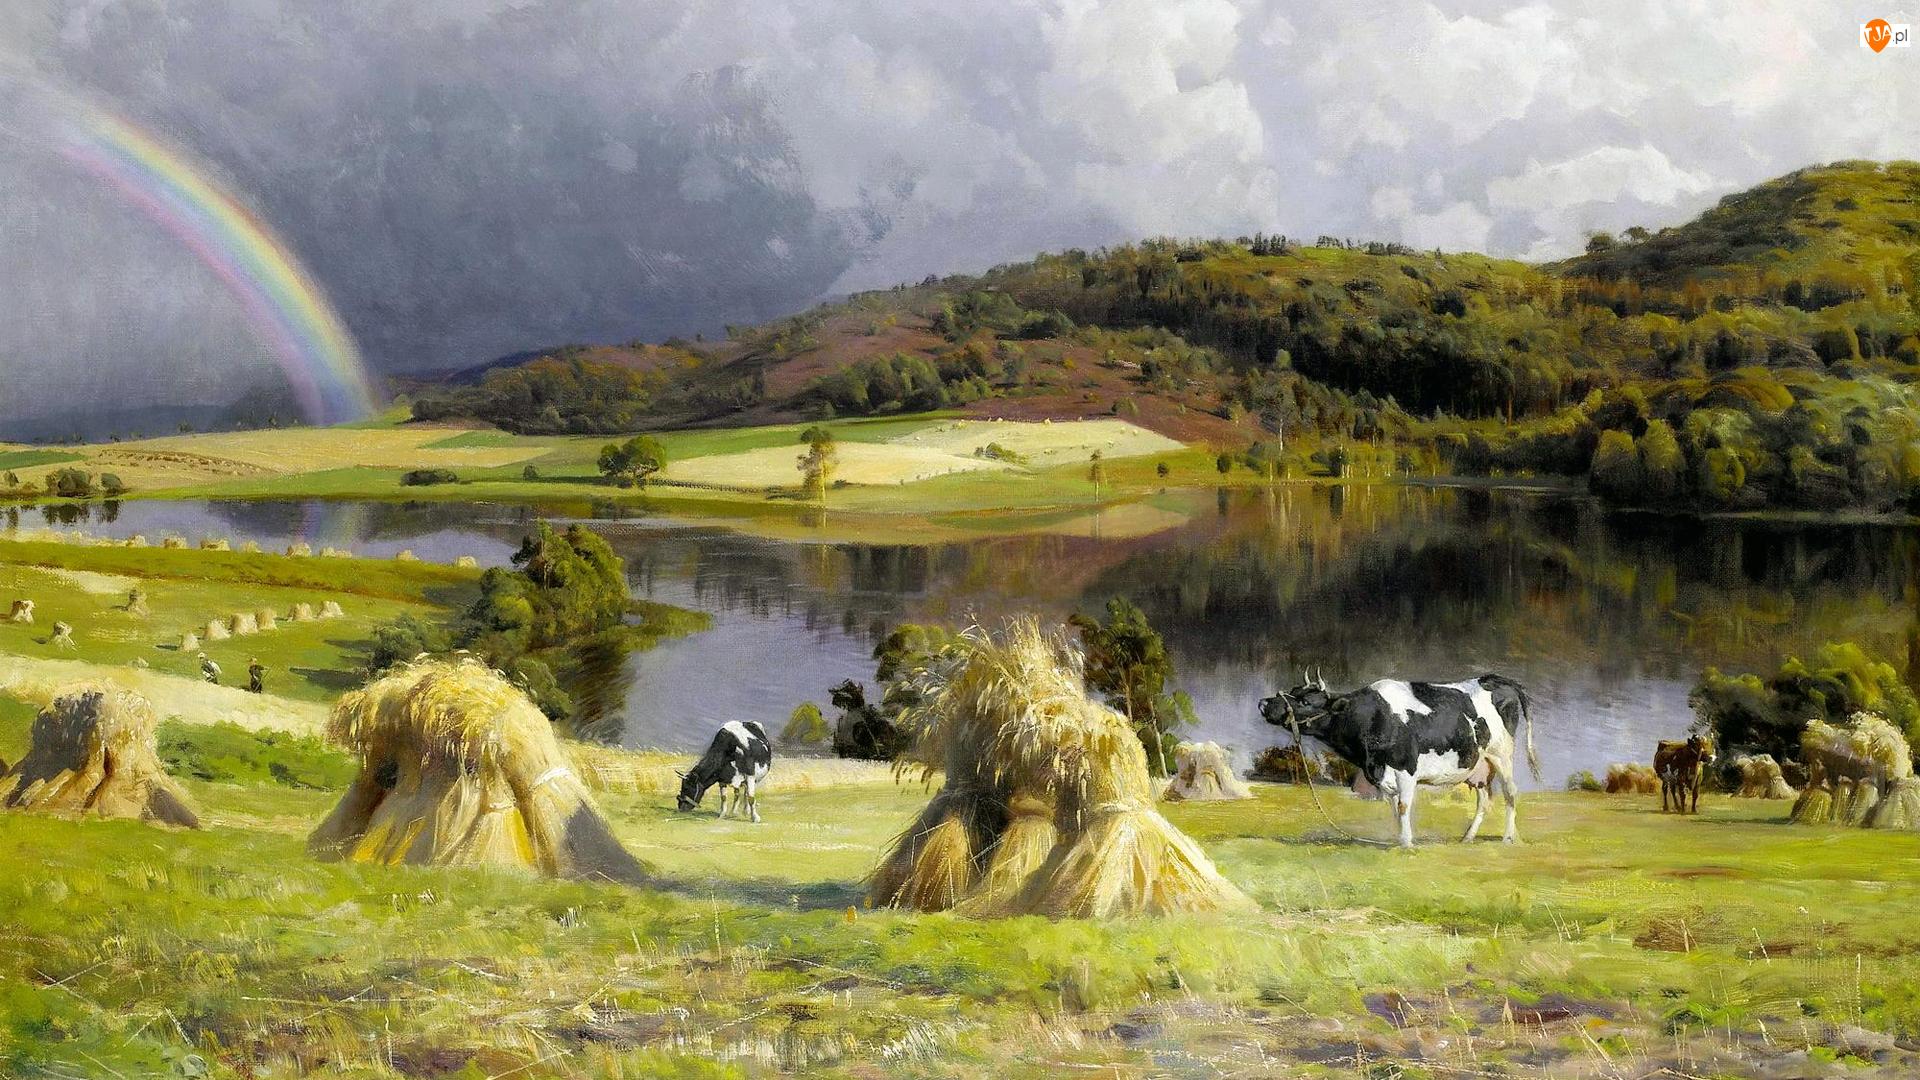 Wzgórza, Obraz, Krowy, Wieś, Pastwisko, Peder Mork Monsted, Tęcza, Malarstwo, Rzeka